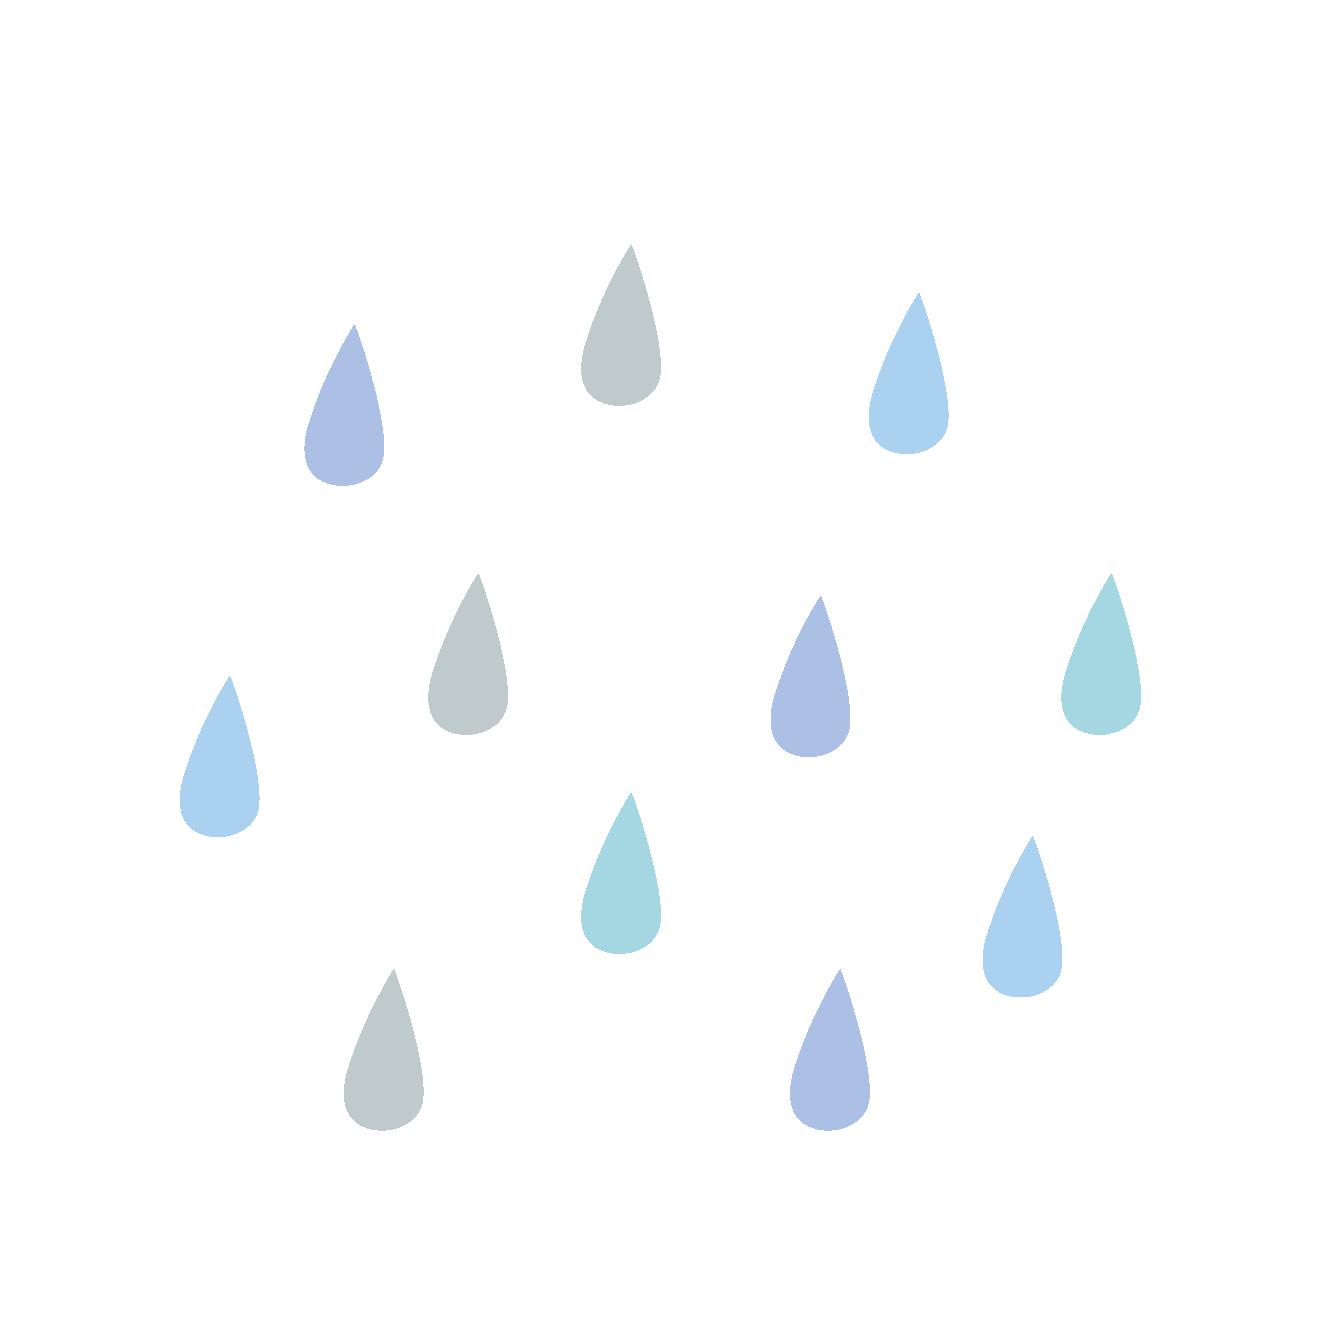 かわいい!梅雨の日の 雨つぶ の フリー イラスト